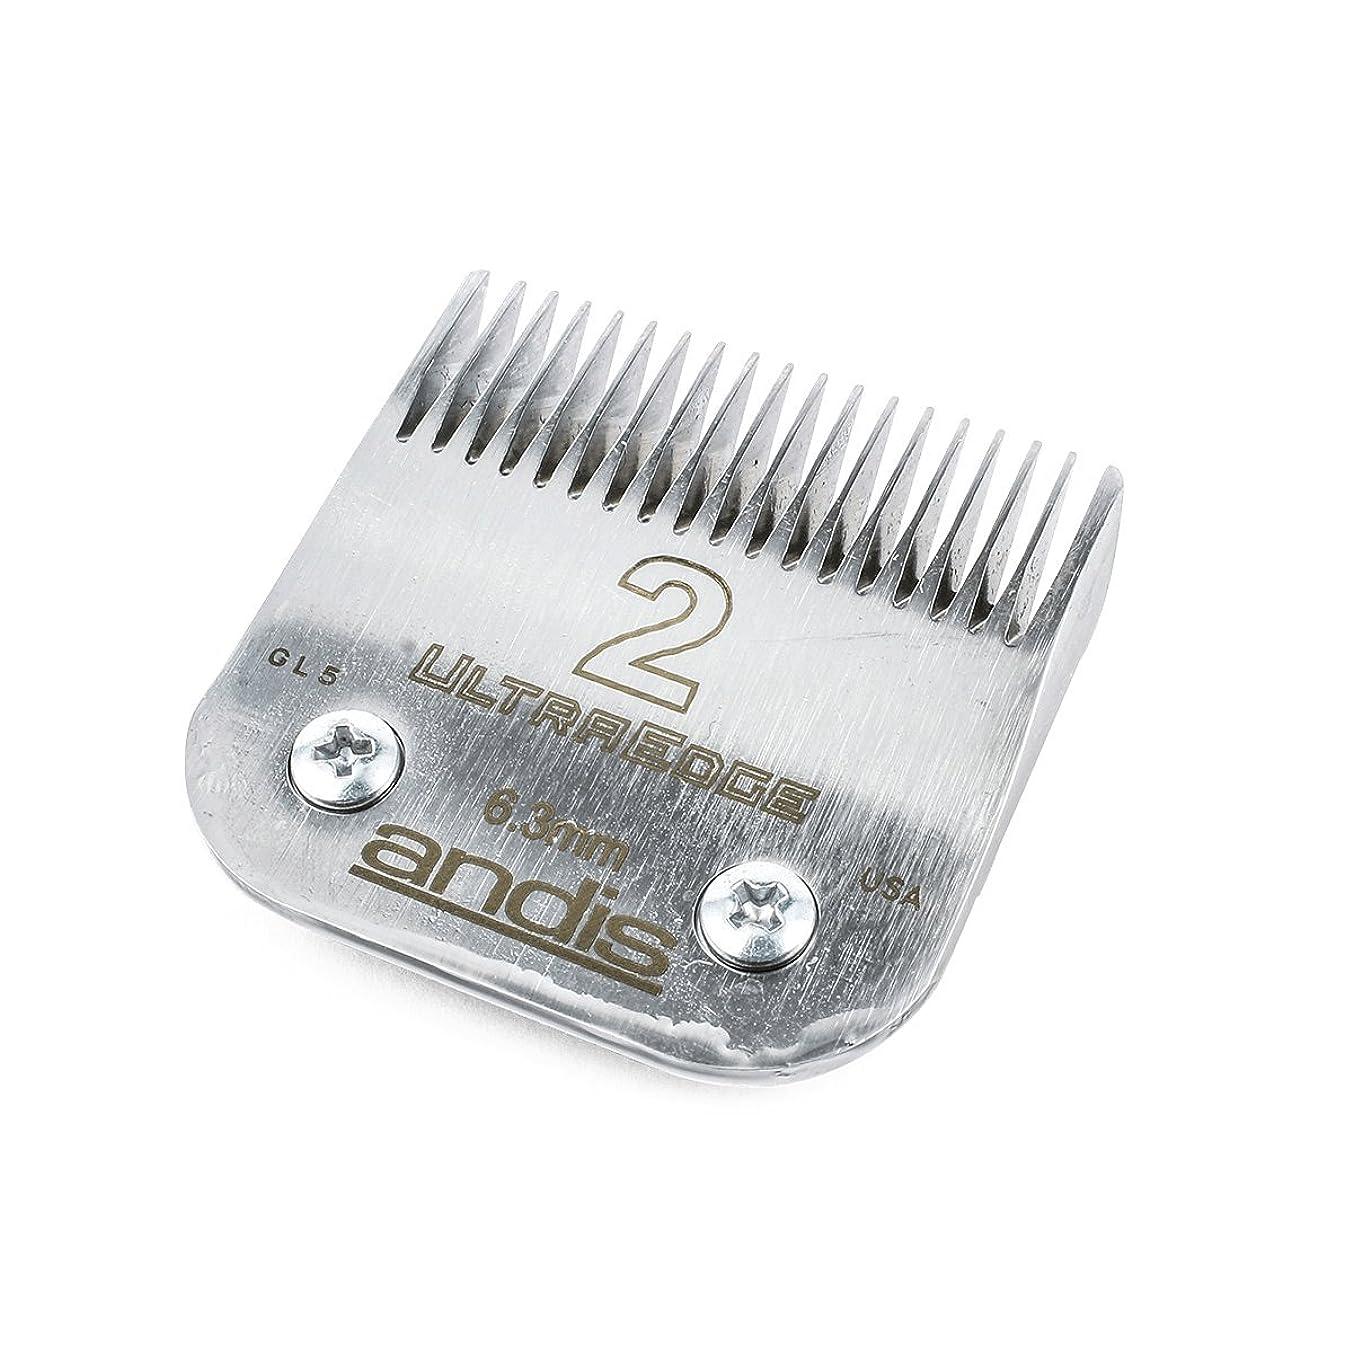 アンディス 64078 ウルトラエッジ 2 ブレード 6.3mm[海外直送品] [並行輸入品]